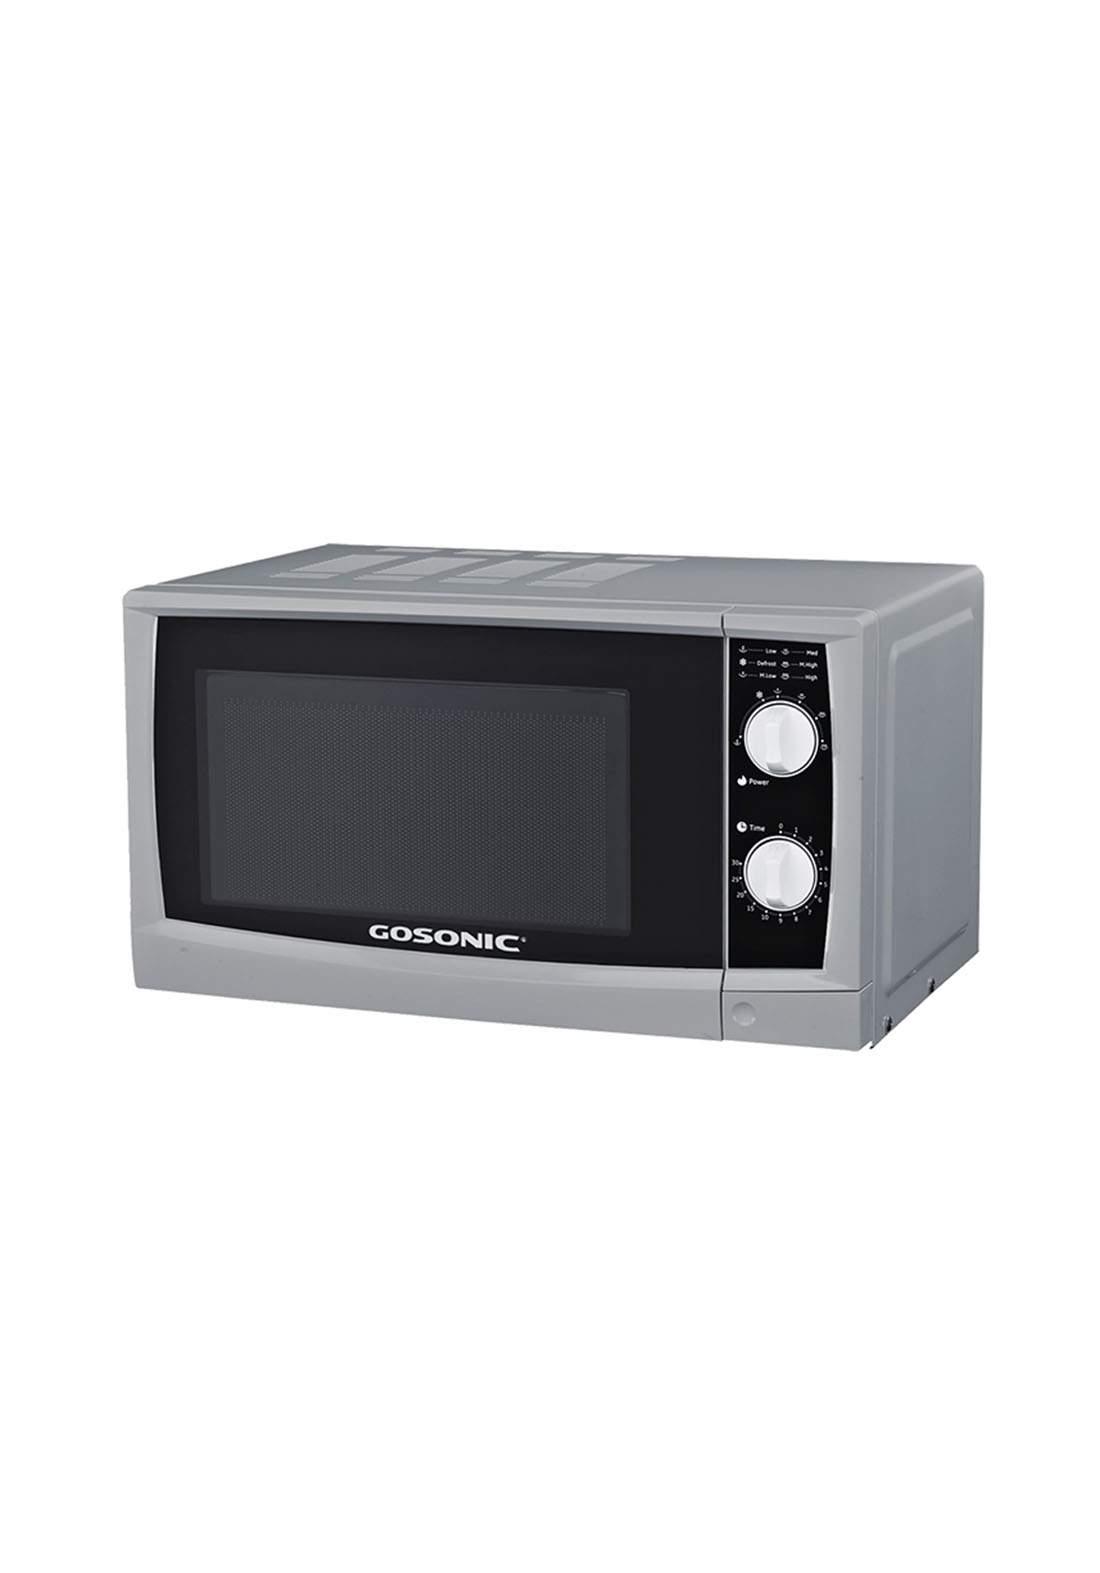 Gosonic GMO620 Micro Wave Oven 20 Liters مايكروويف